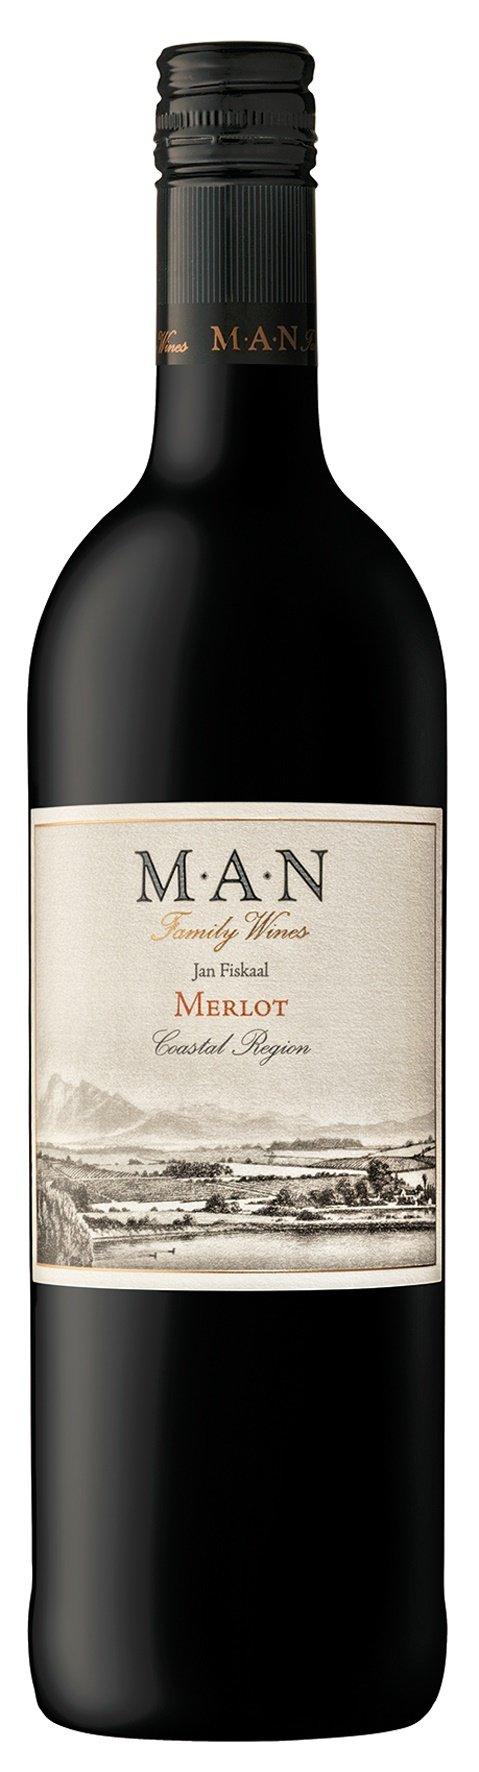 6x-075l-2016er-MAN-Family-Wines-Jan-Fiskaal-Merlot-Coastal-Region-WO-Sdafrika-Rotwein-trocken